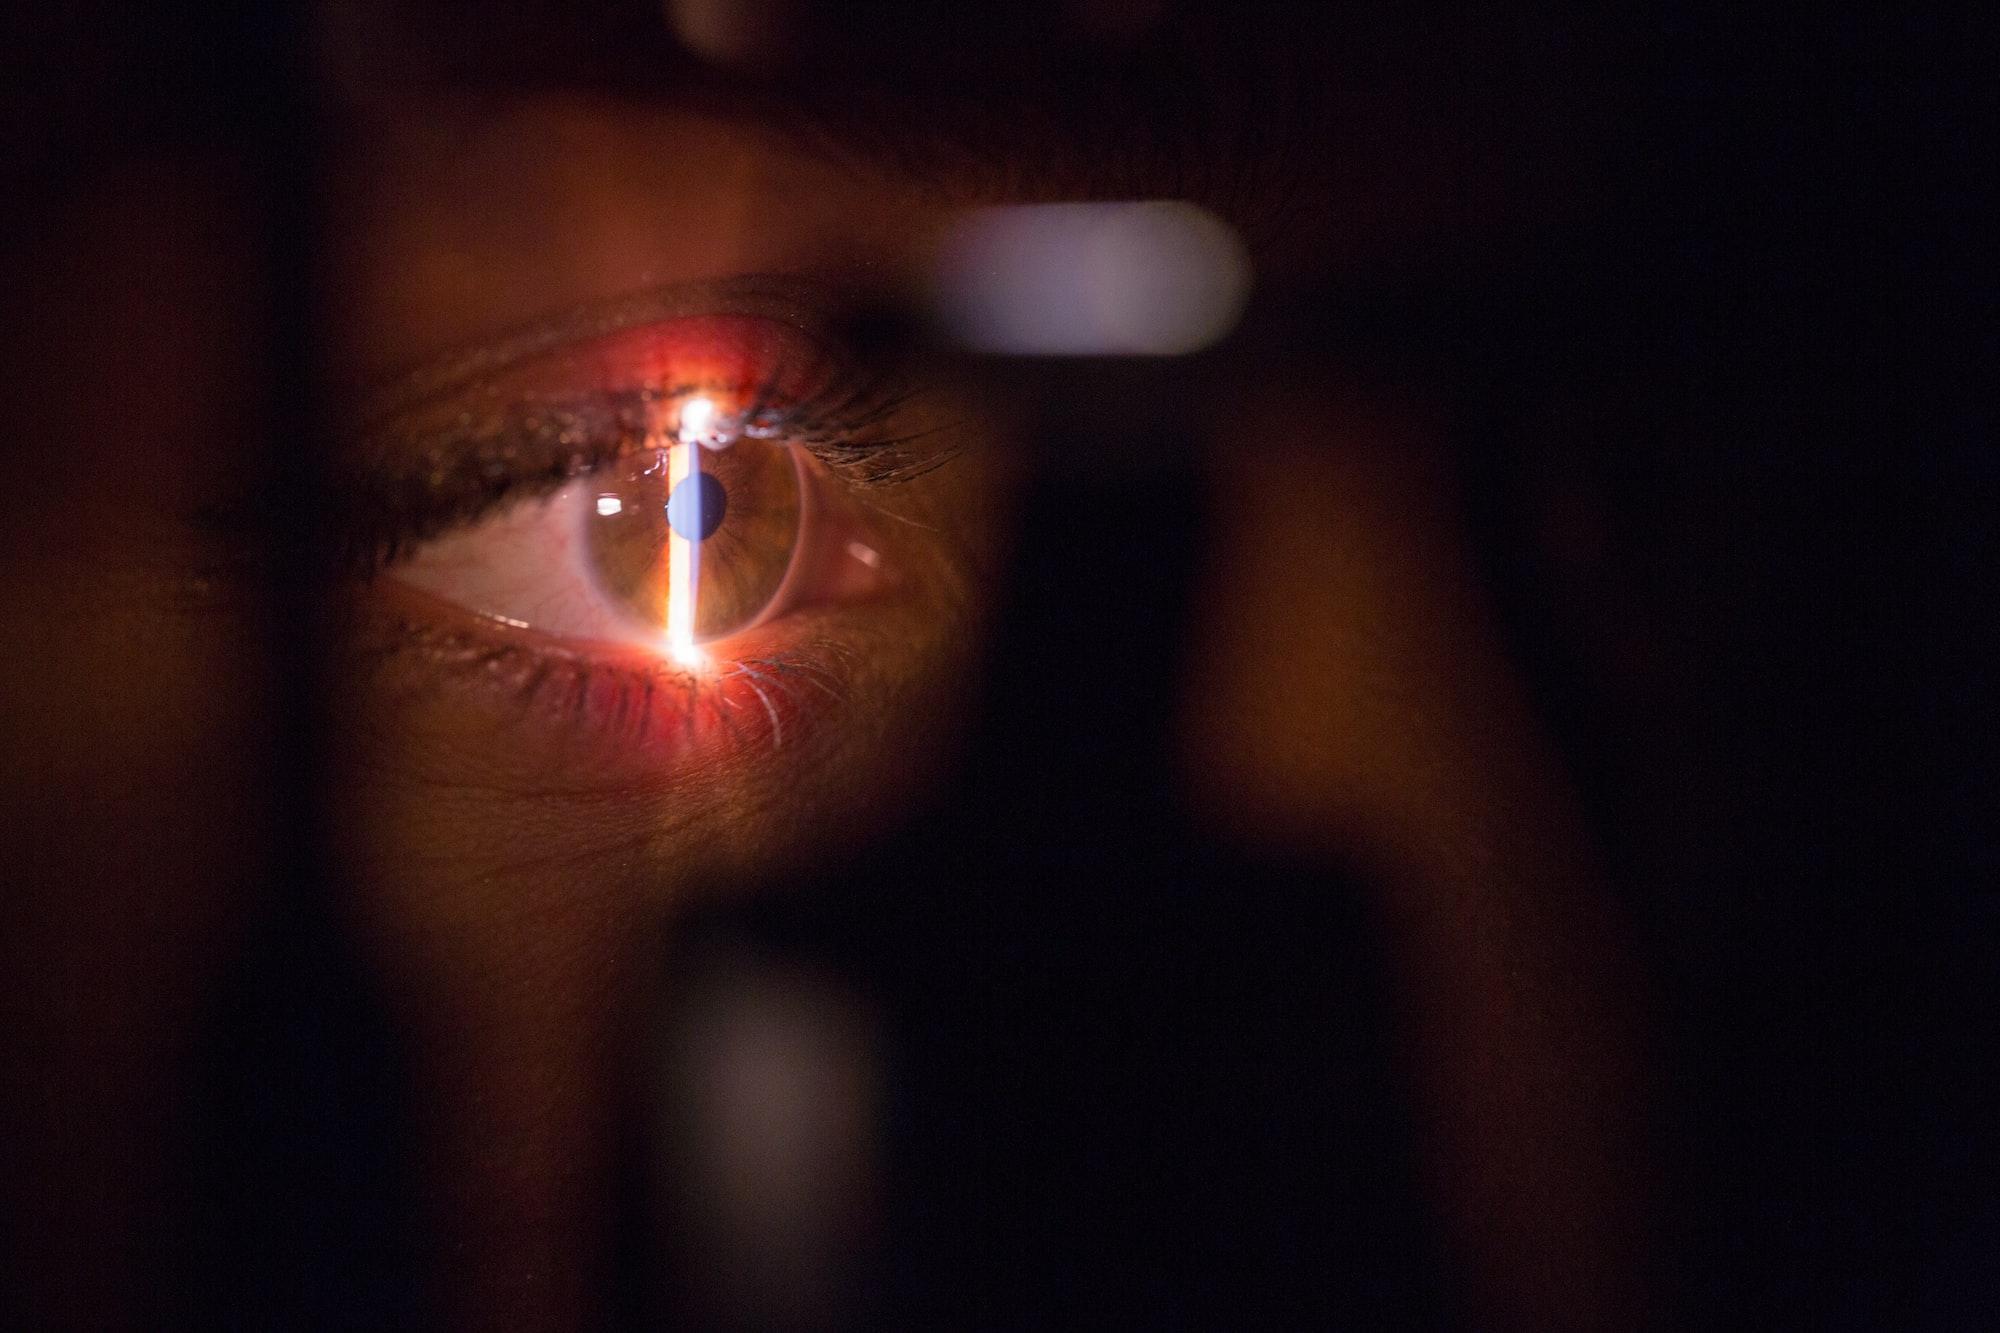 Врач-офтальмолог использовал камеру iPhone 13 Pro для макросъемки глаз пациента